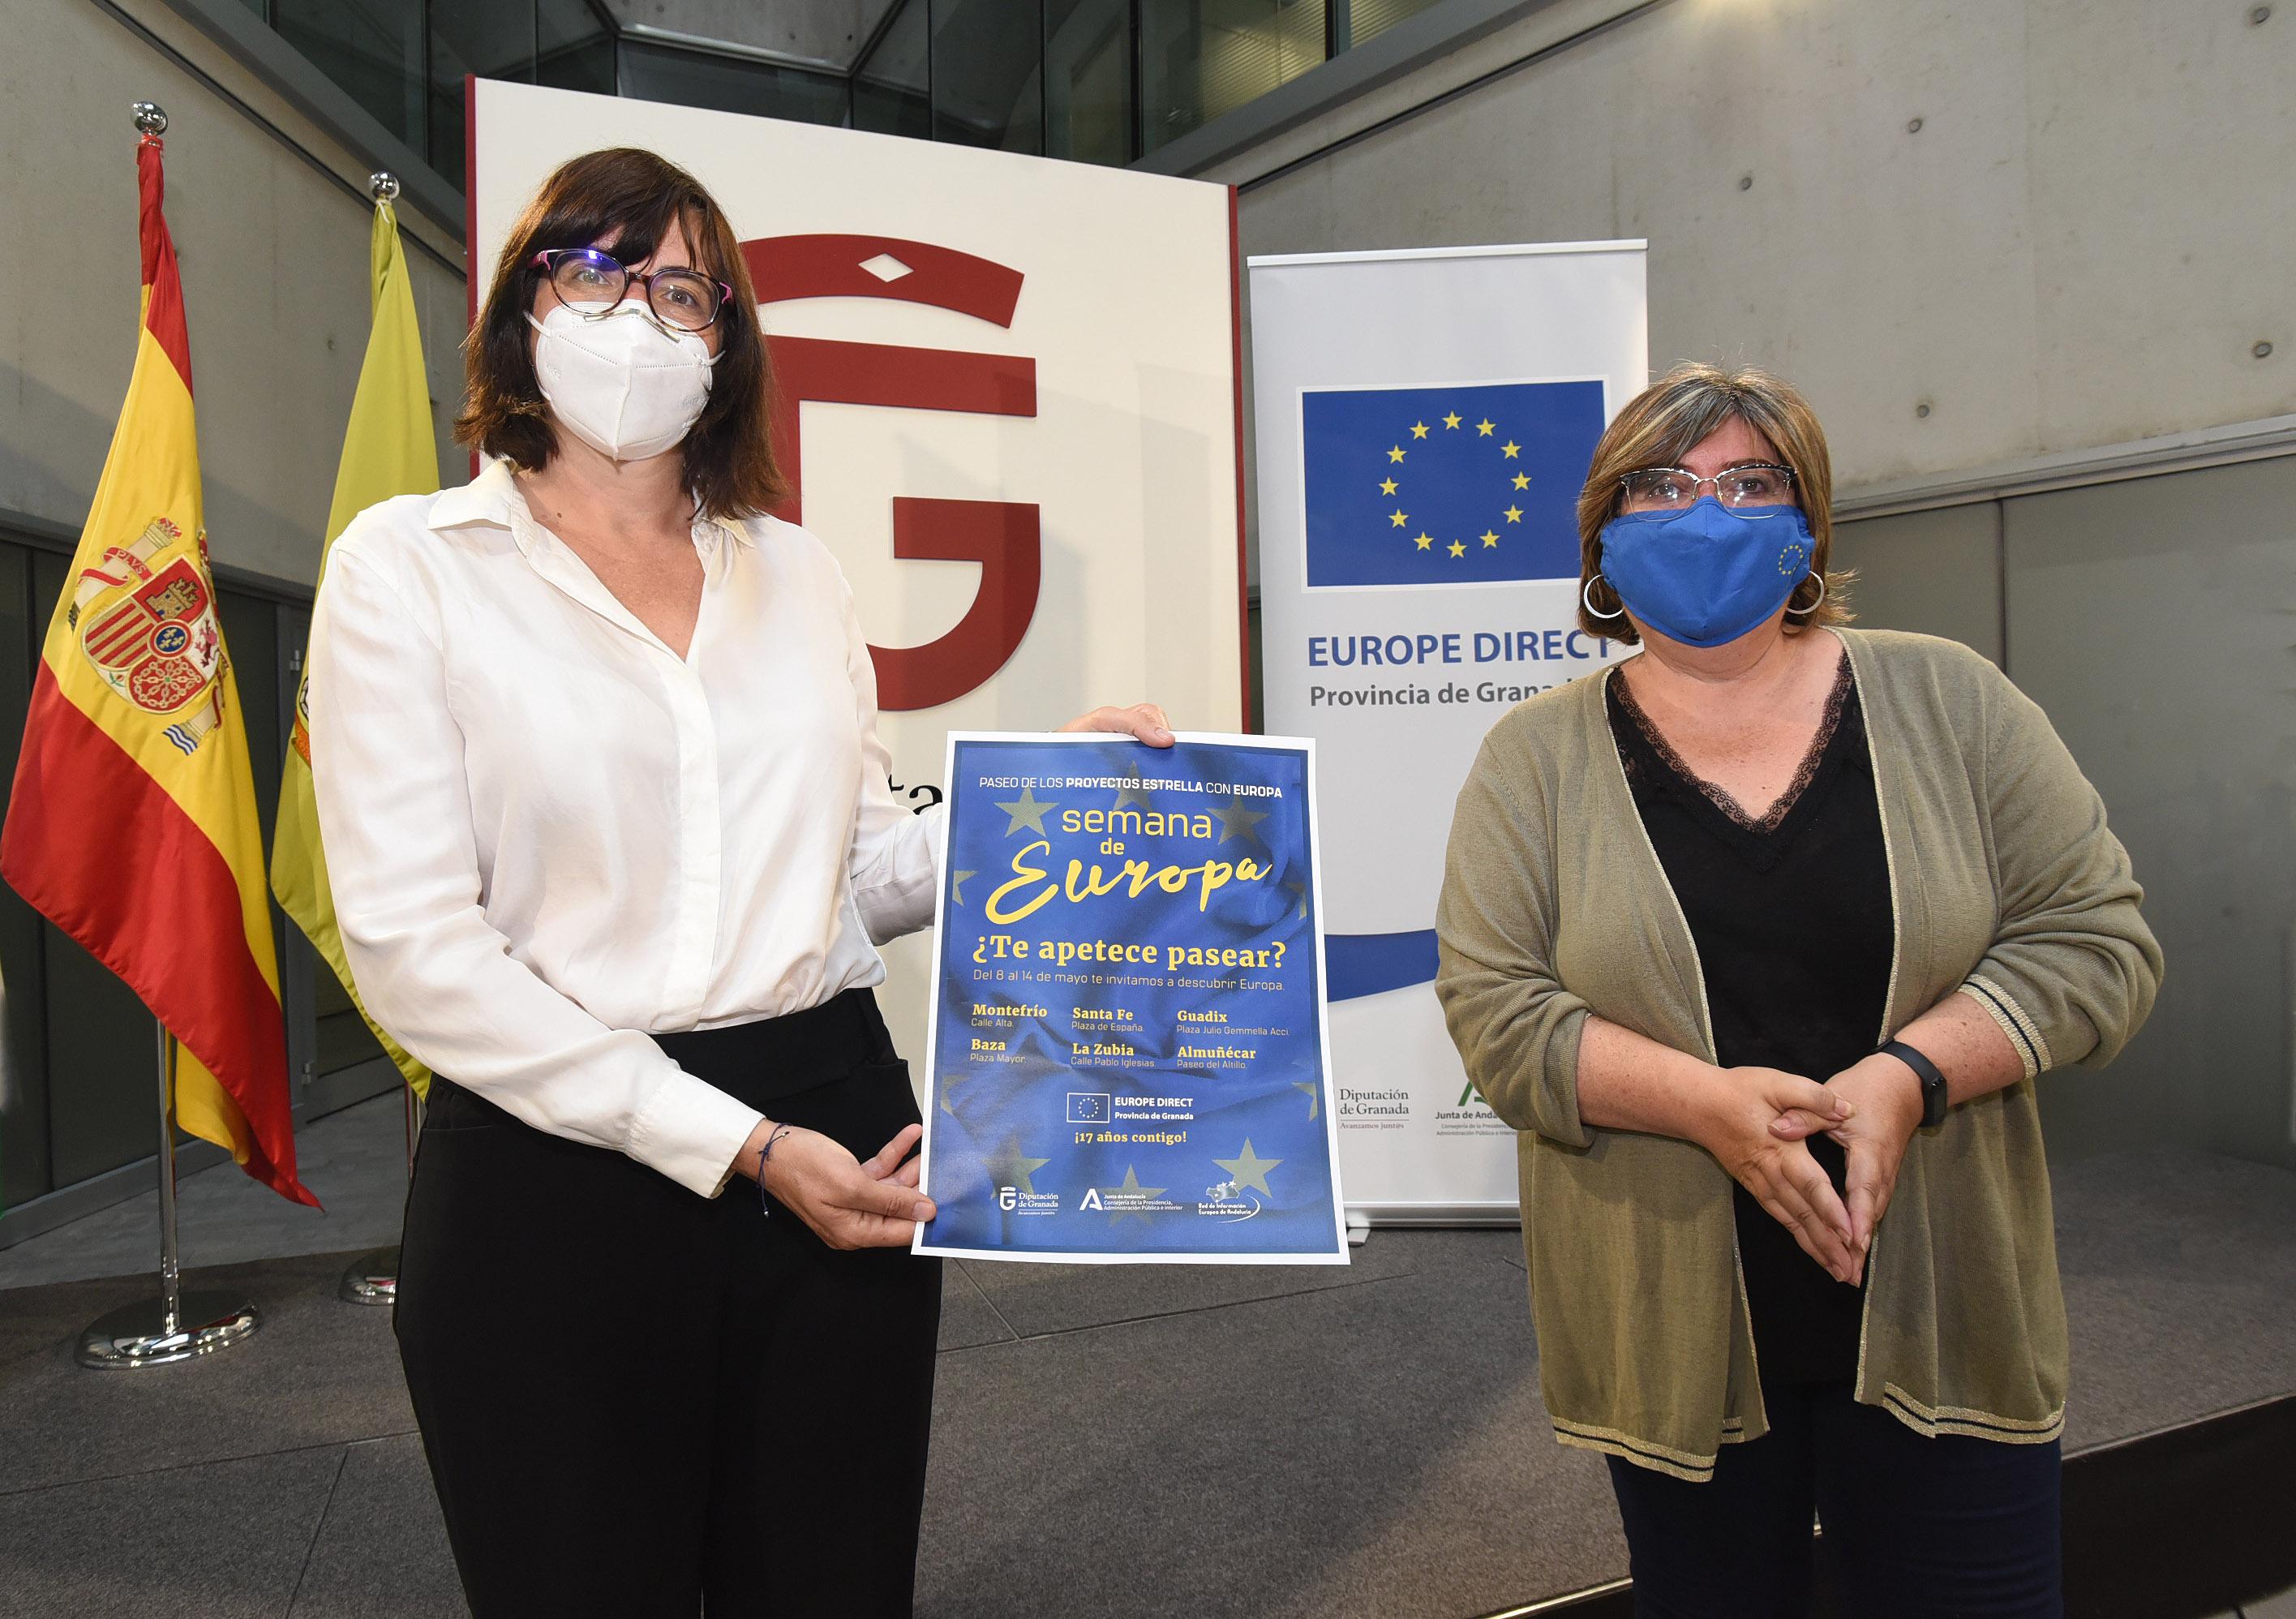 El centro Europa Direct de la Diputación renueva cuatro año más su vínculo con la Comisión Europea